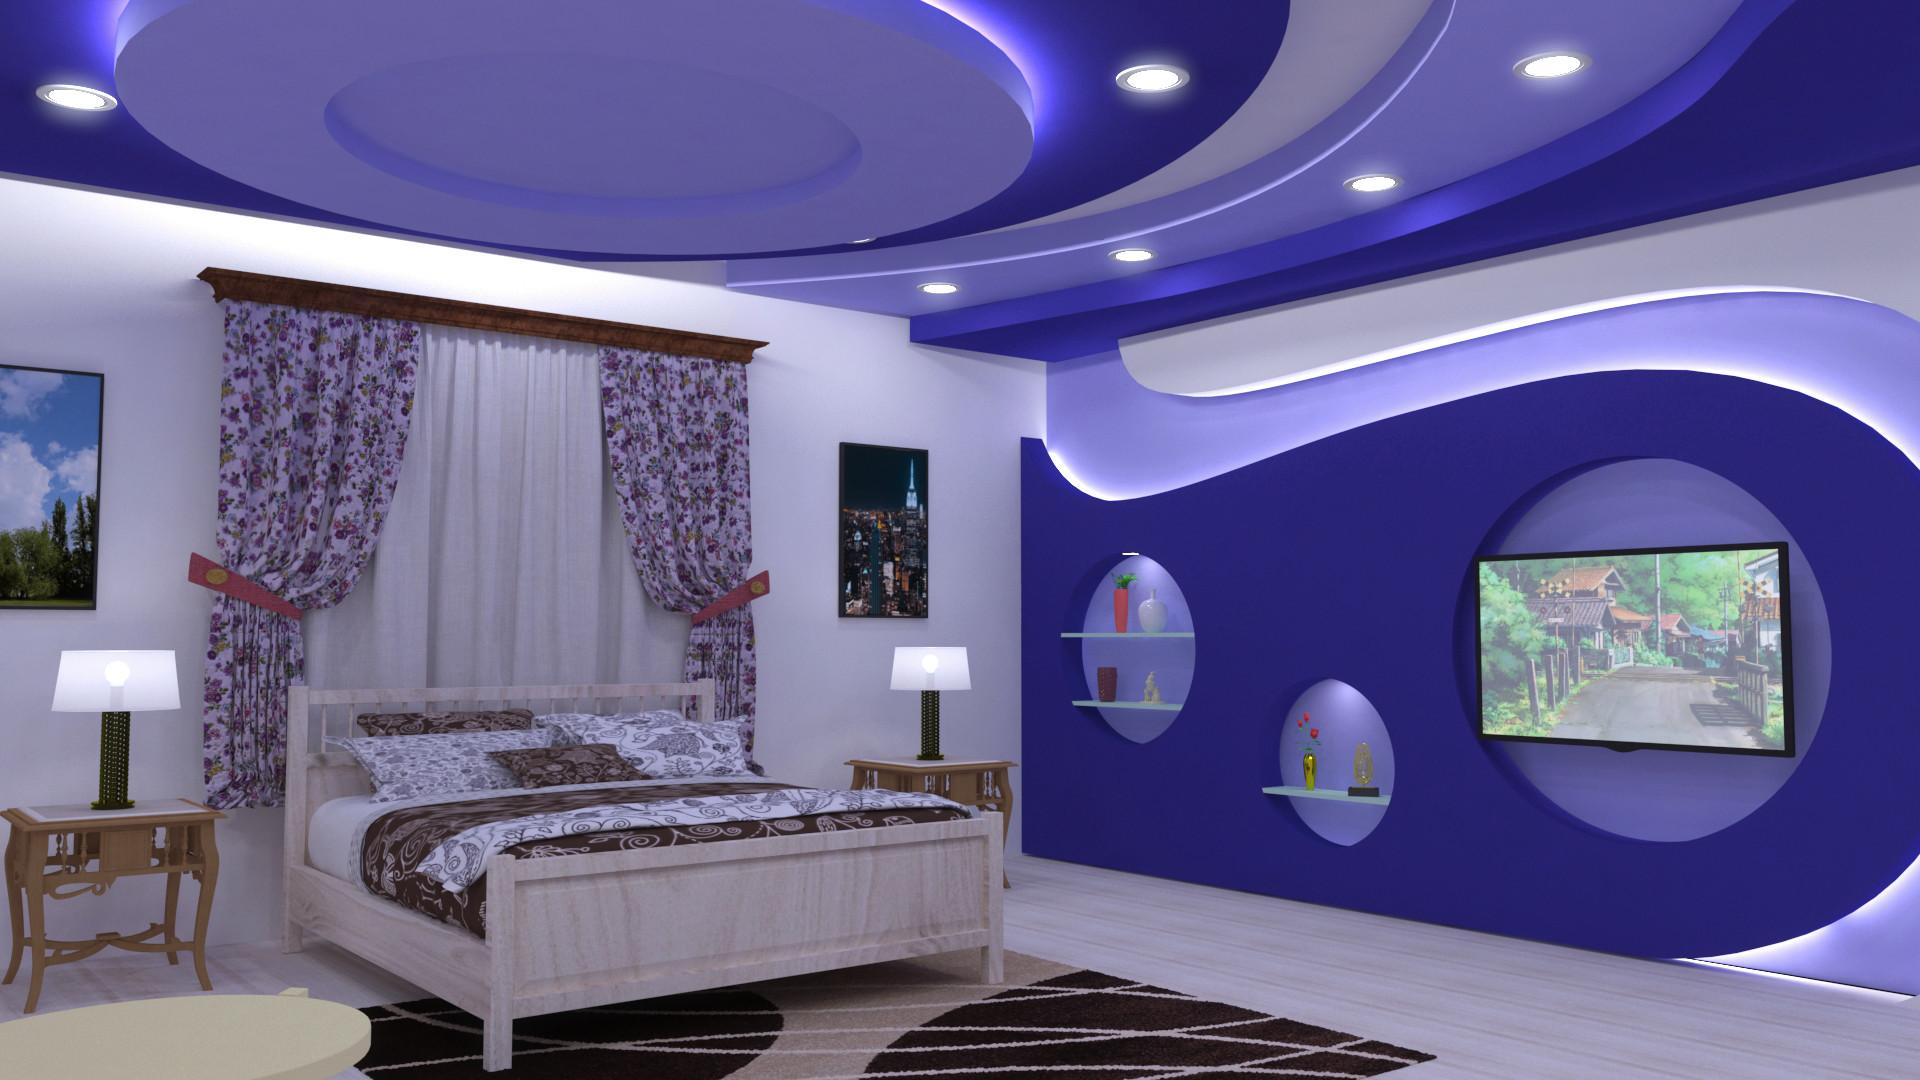 Artstation Bedroom Design In 3dsmax V Ray Syed Sufiyan